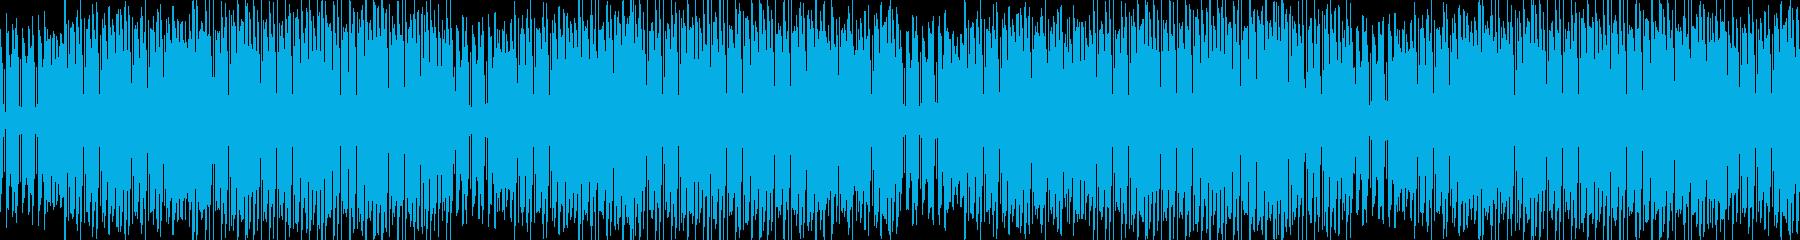 【店舗BGM】Spring 1 ループの再生済みの波形